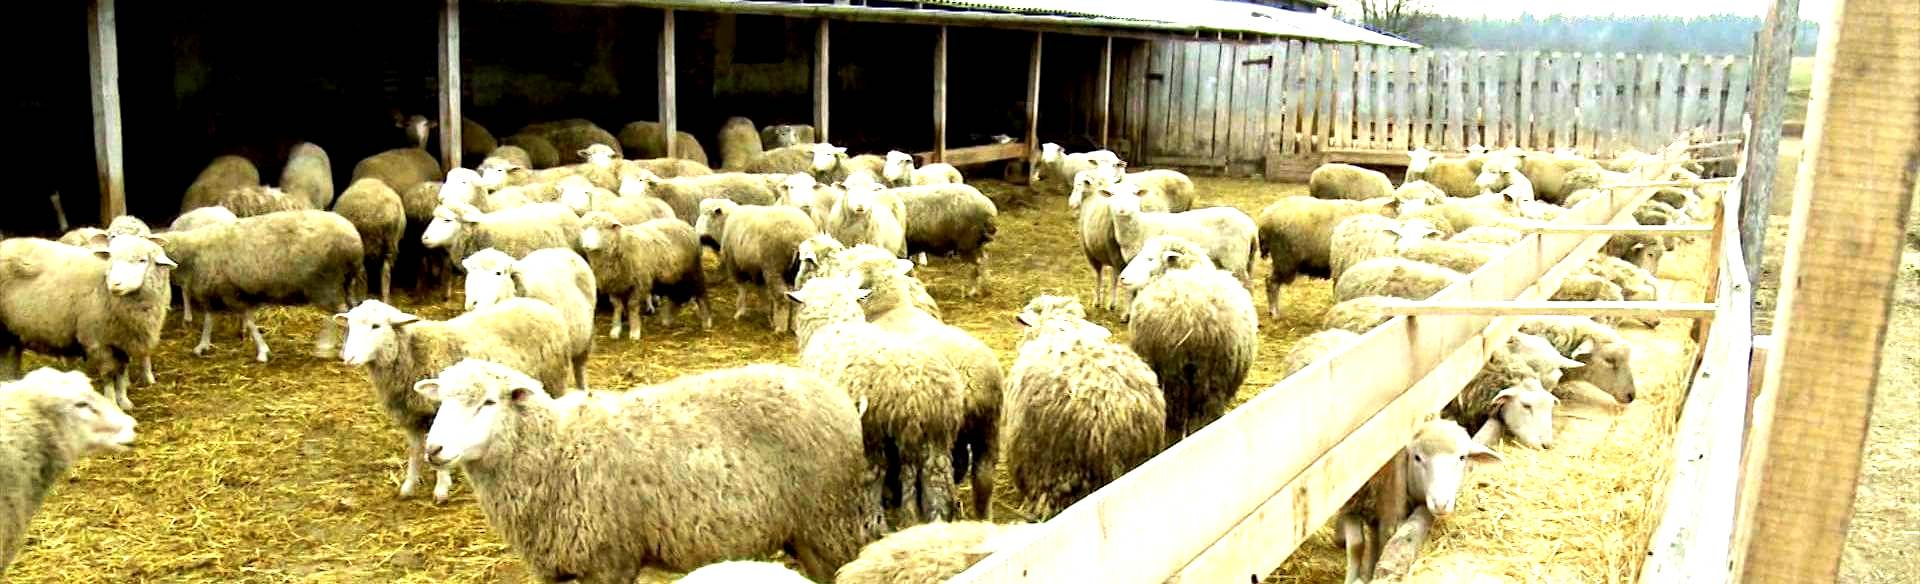 Микробиологический препарат Тамир применяется для устранения неприятного запаха в туалете, выгребных ямах и на ферме